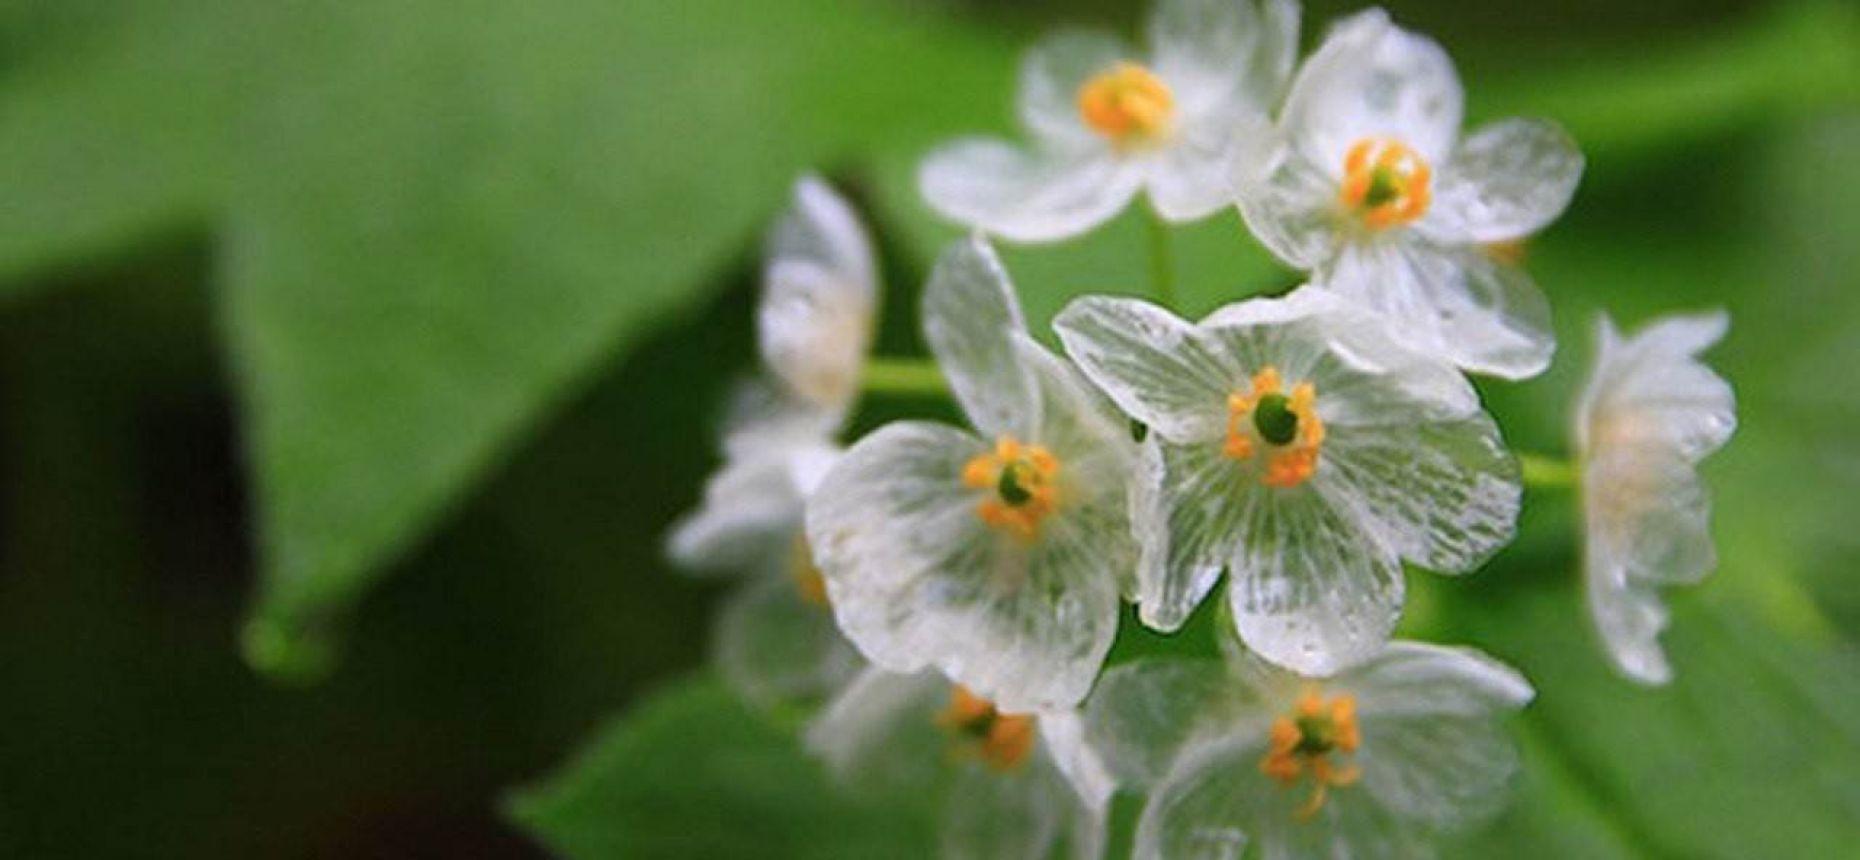 Цветки становятся прозрачными после дождя